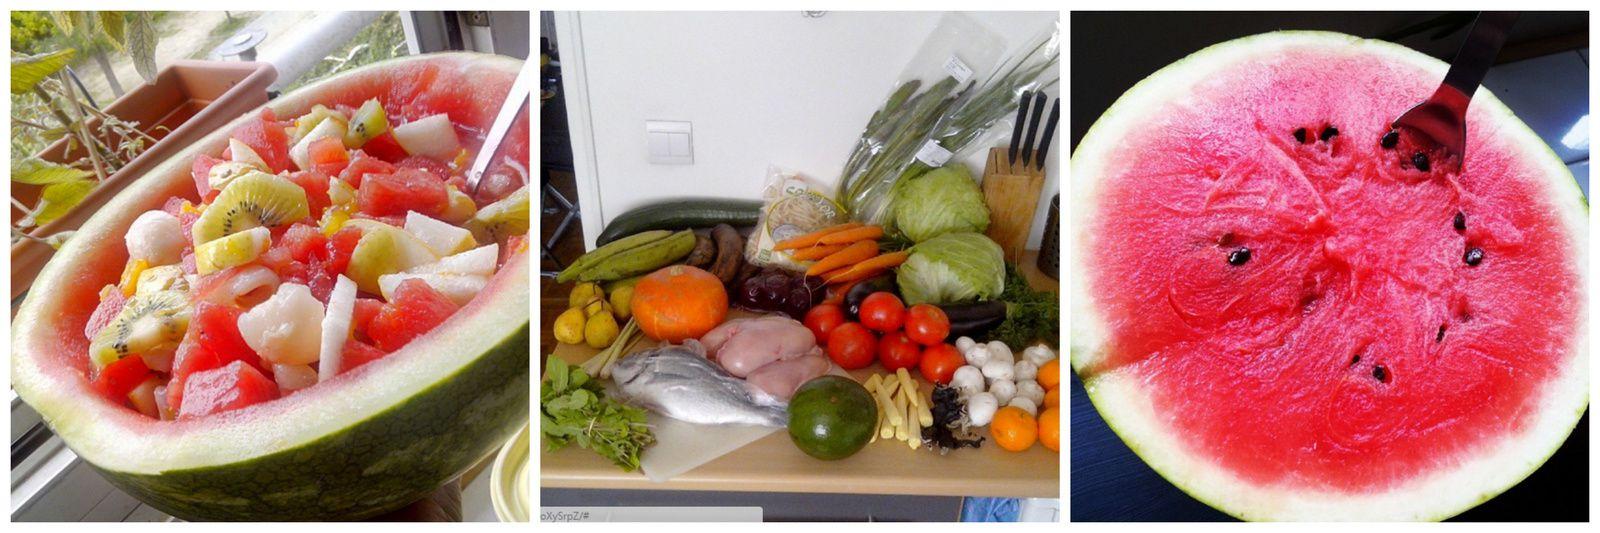 Comment je végétalise mon alimentation